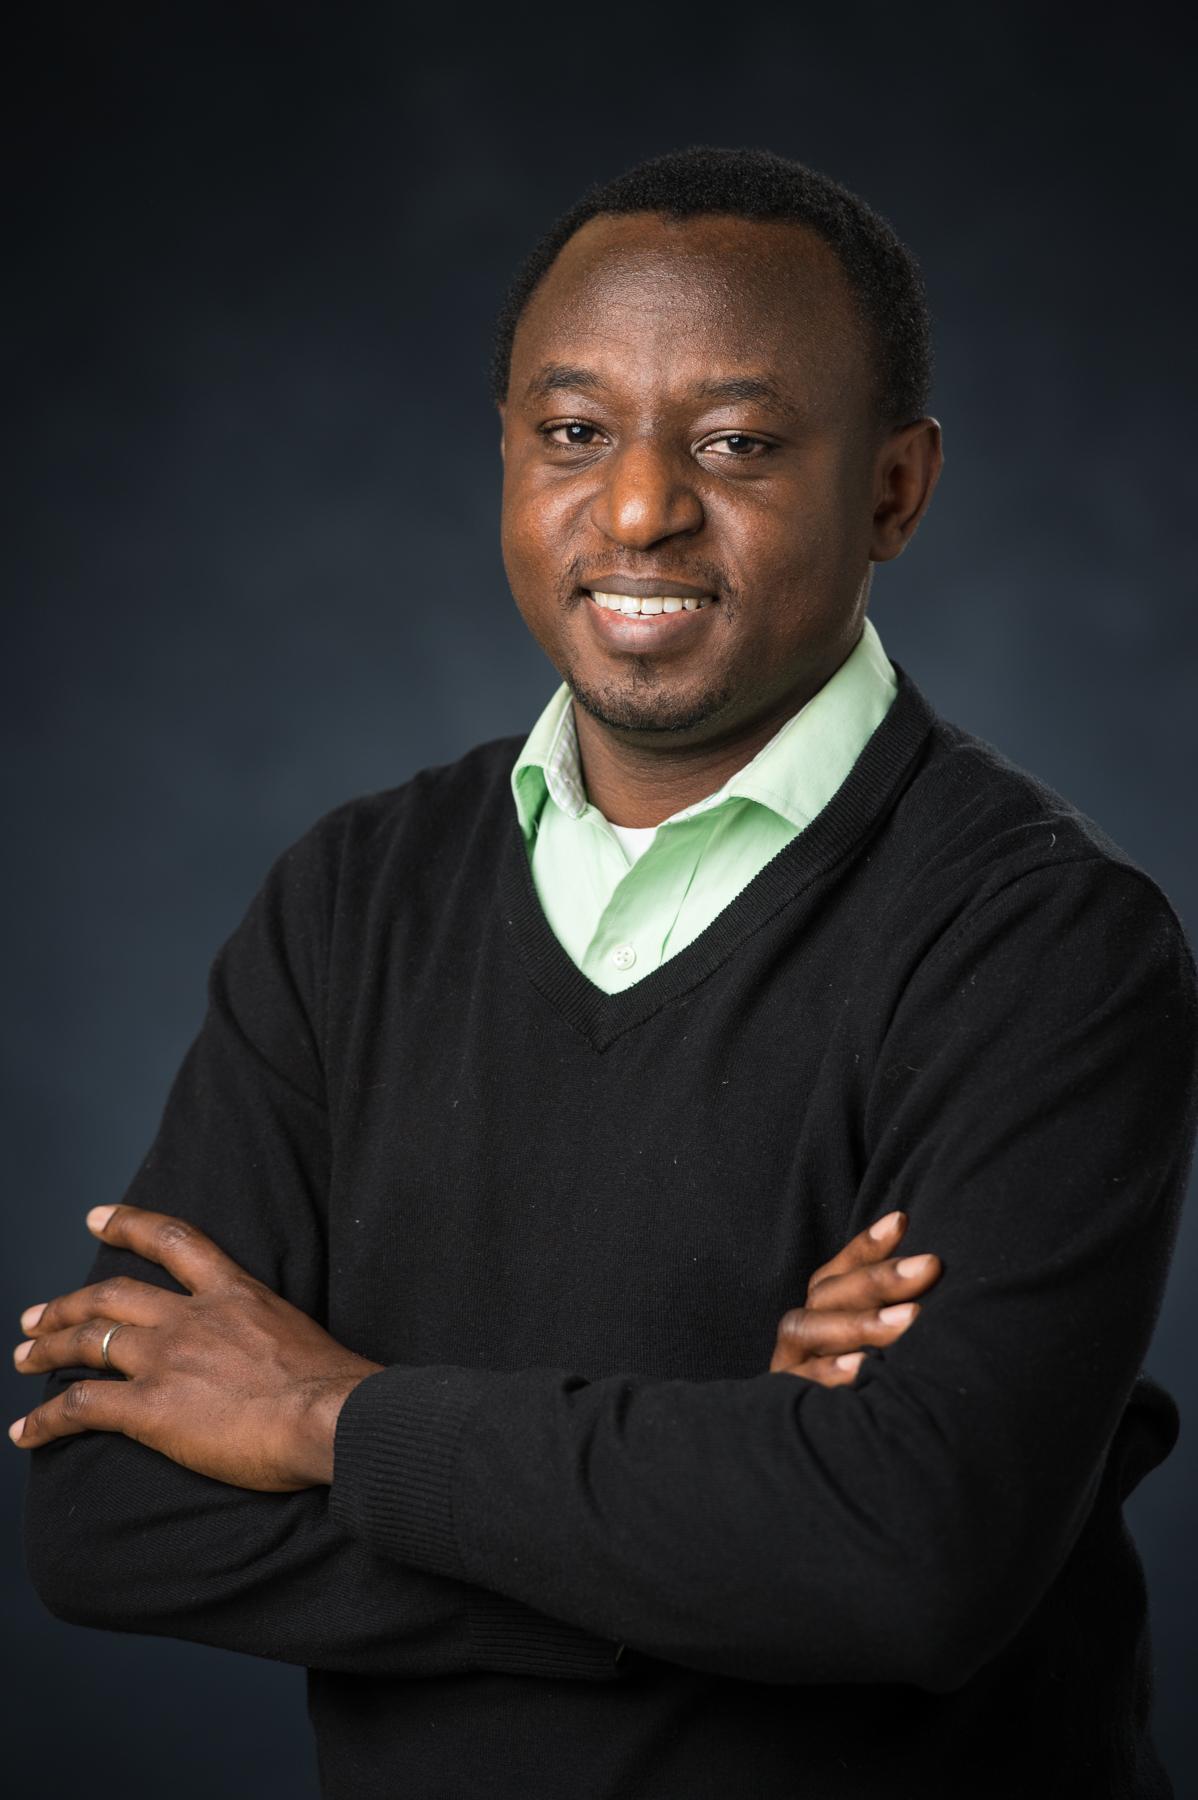 Olabisi D. Akinkugbe